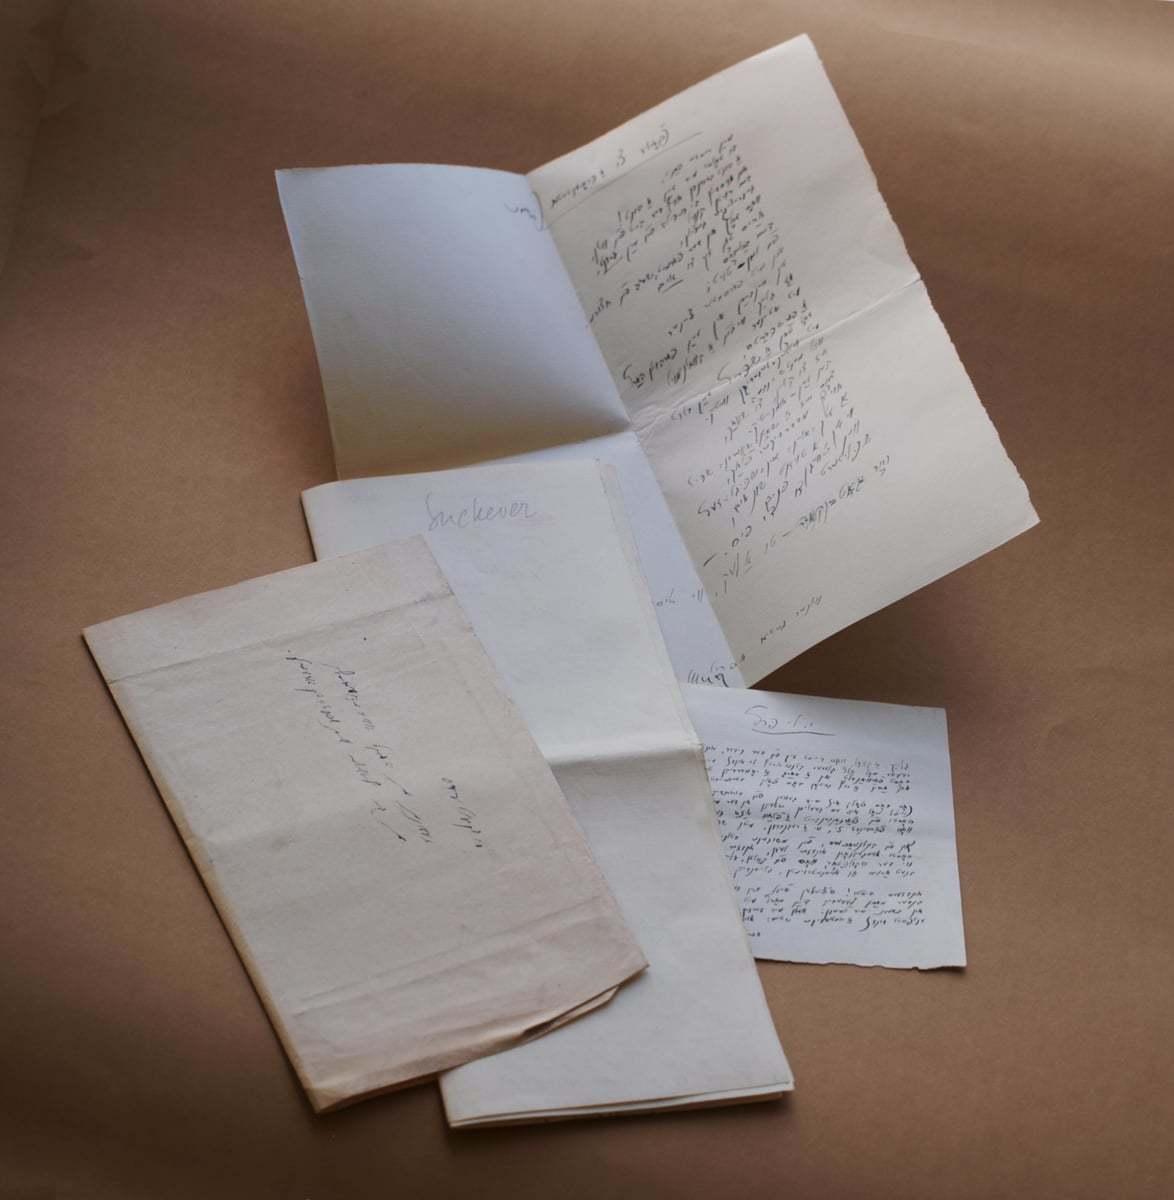 Avromo Suckeverio gete 1941 ir 1942 m. rašytų eilėraščių nuorašai, po II Pasaulinio karo saugoti Vilniaus žydų muziejuje.